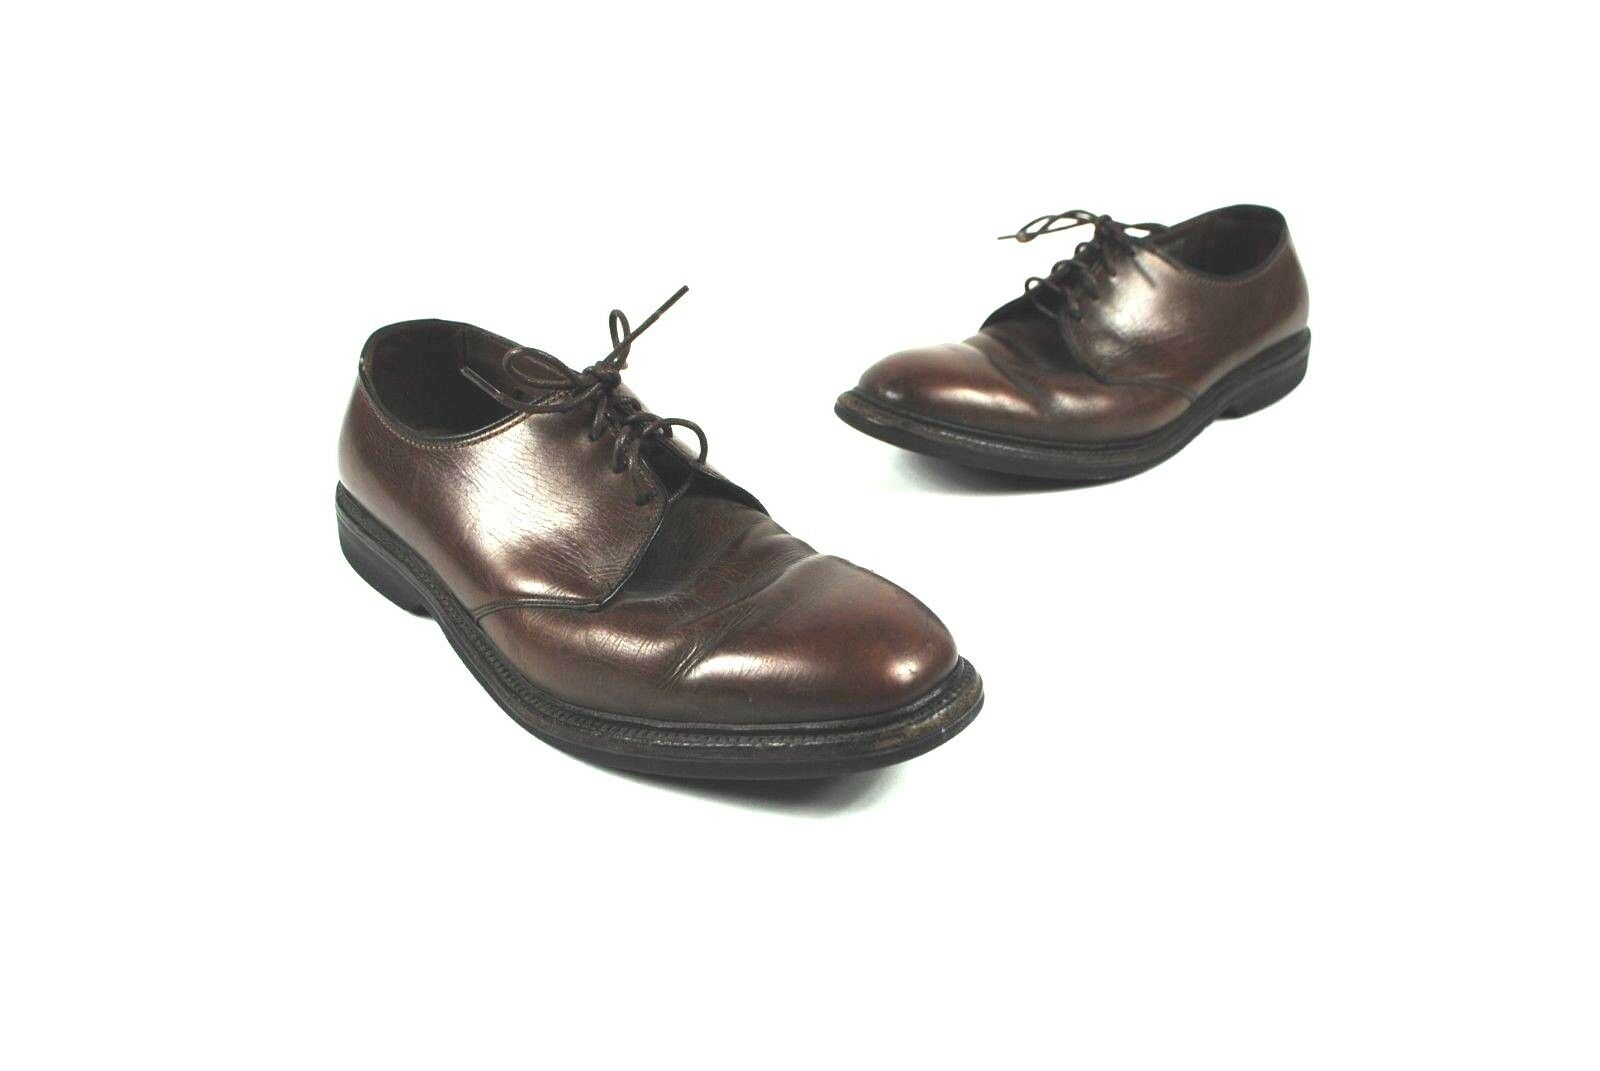 Allen Edmonds Brown Pelle Oxfords- size 10 D #34179